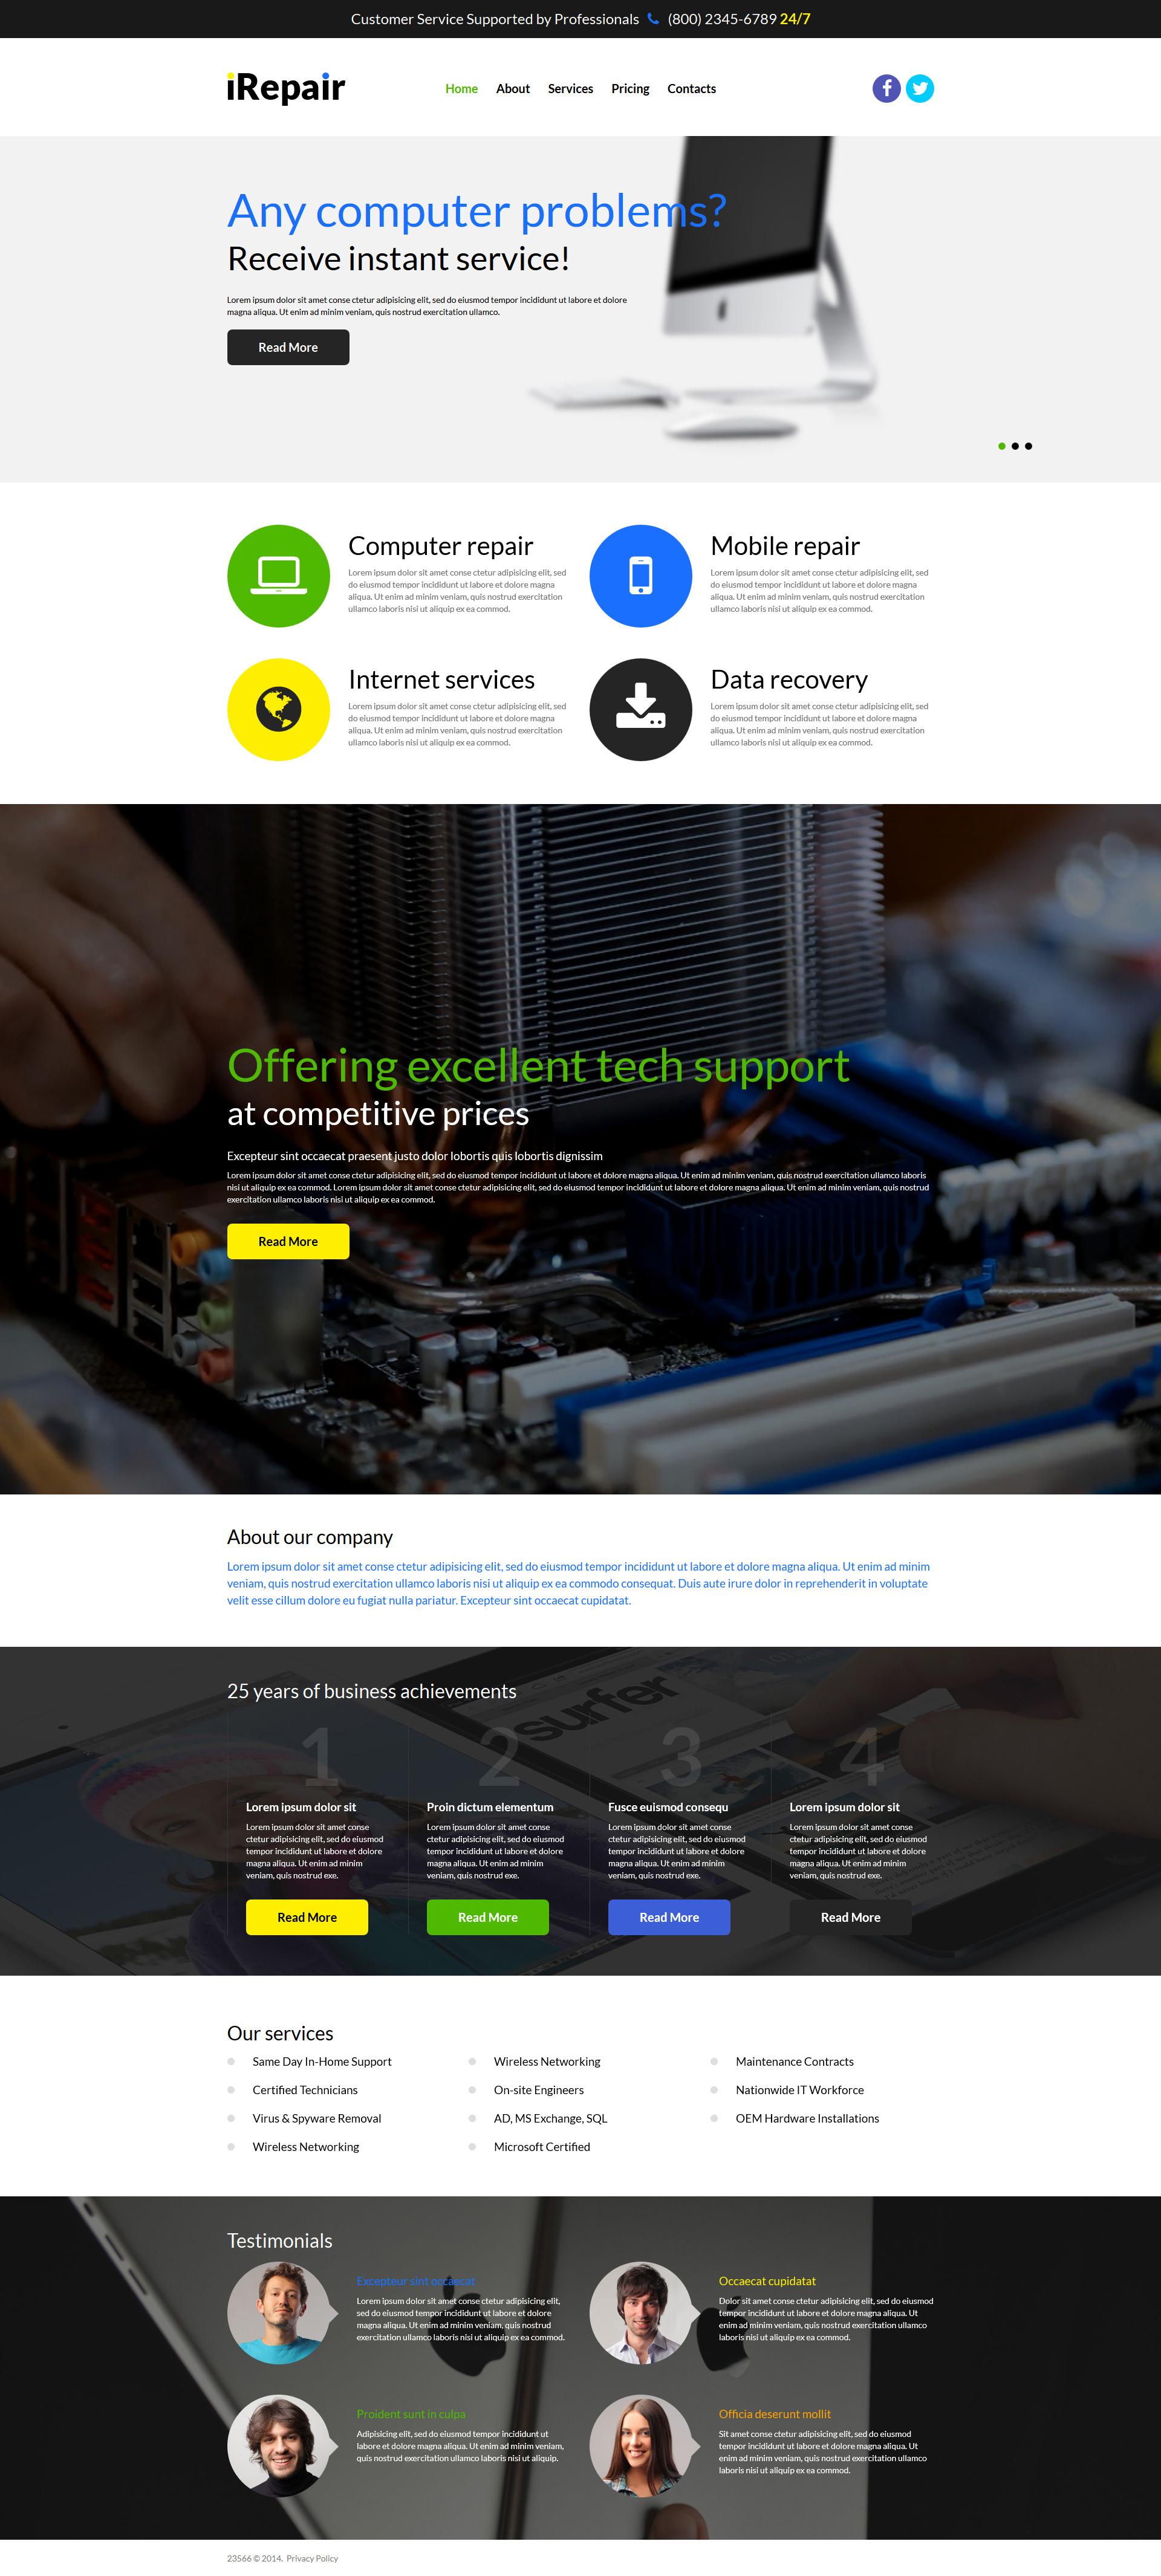 Responsywny szablon Joomla Fixing PC Issues #51950